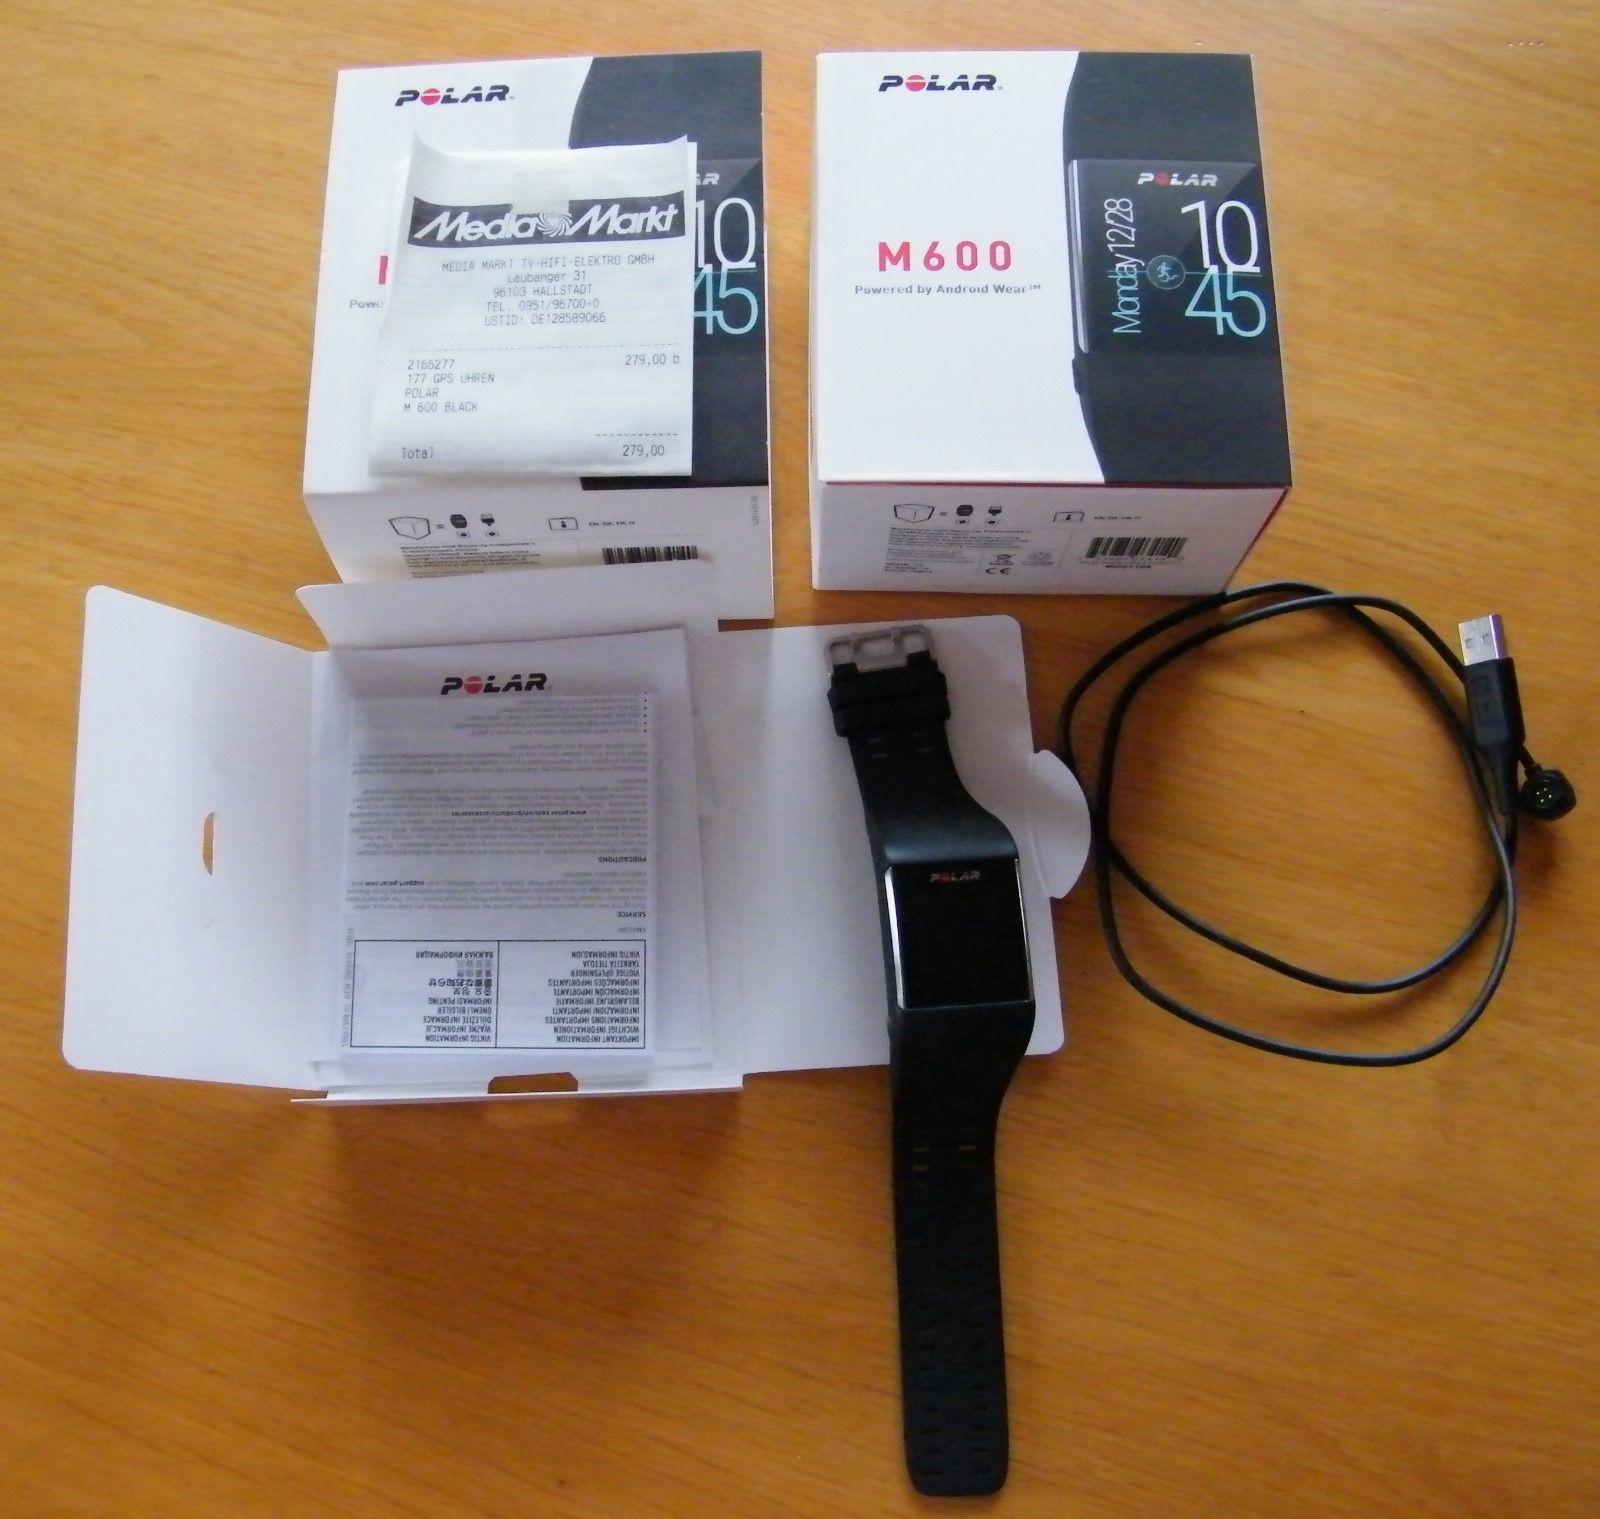 Sport Smartwatch Polar M600 Neuwertig in OVP, schwarz, mit Garantie